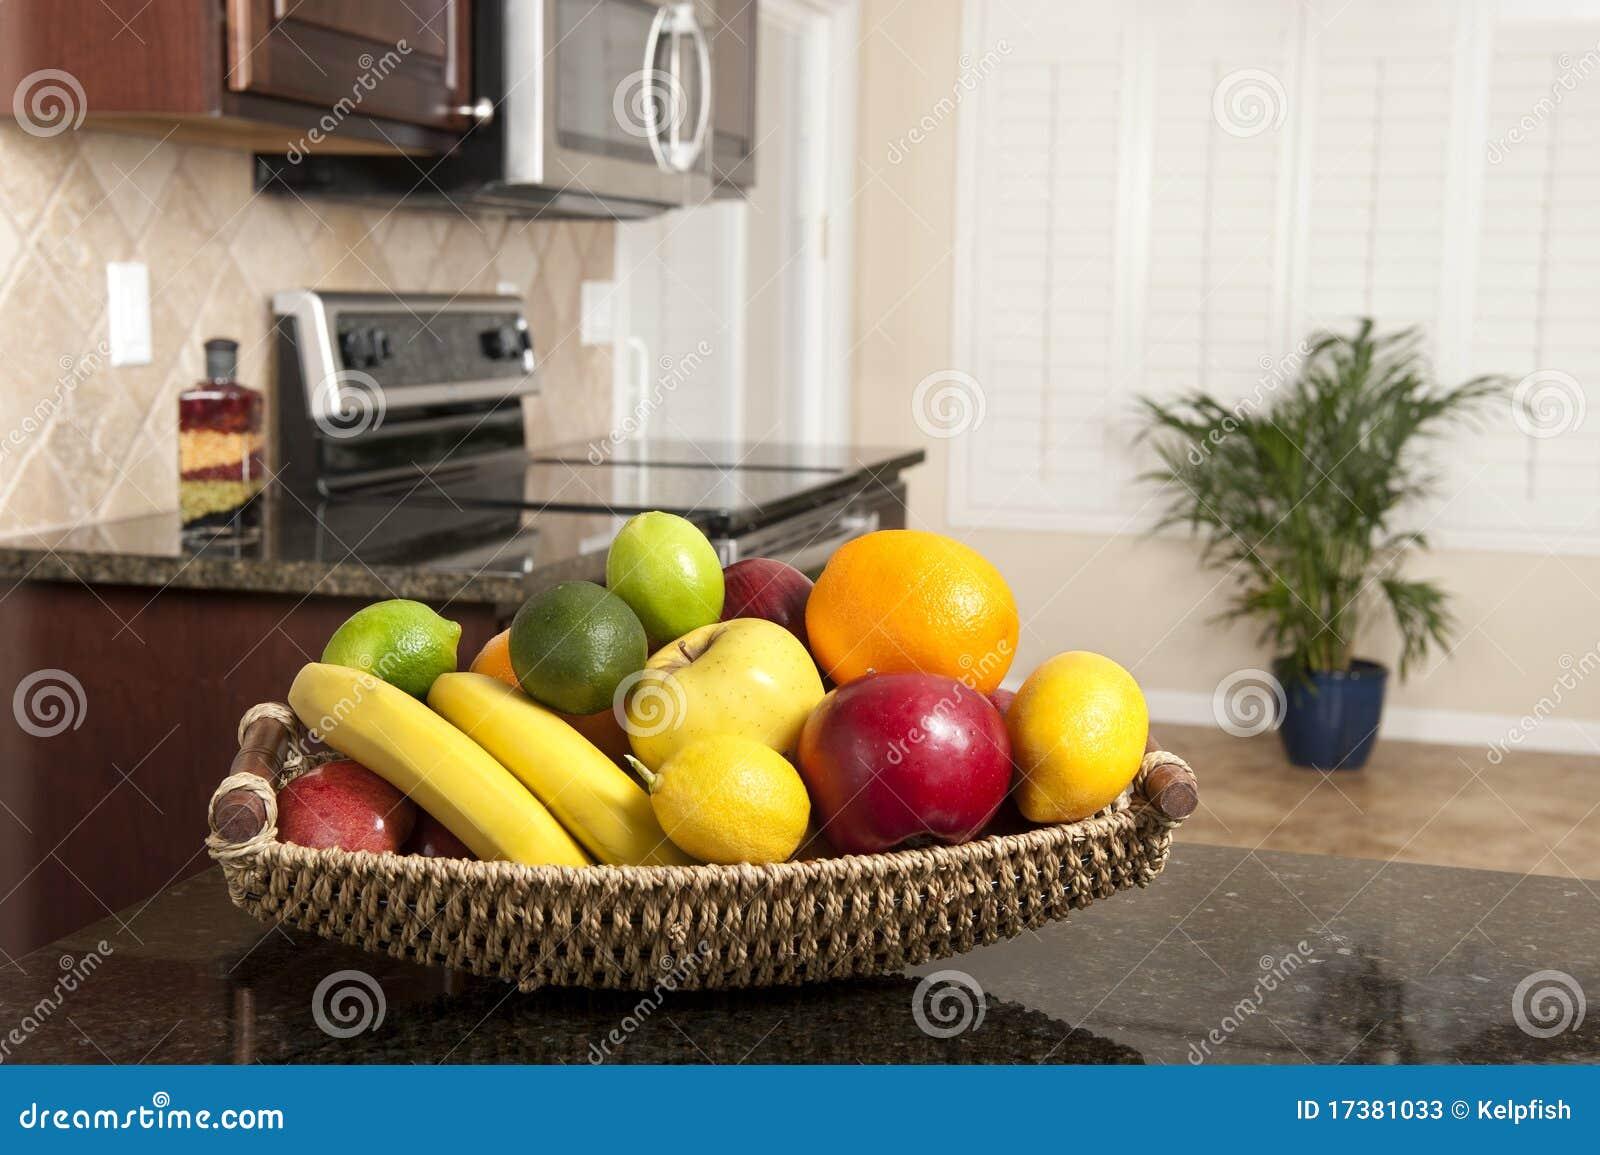 panier de fruit frais dans la cuisine moderne photos stock image 17381033. Black Bedroom Furniture Sets. Home Design Ideas